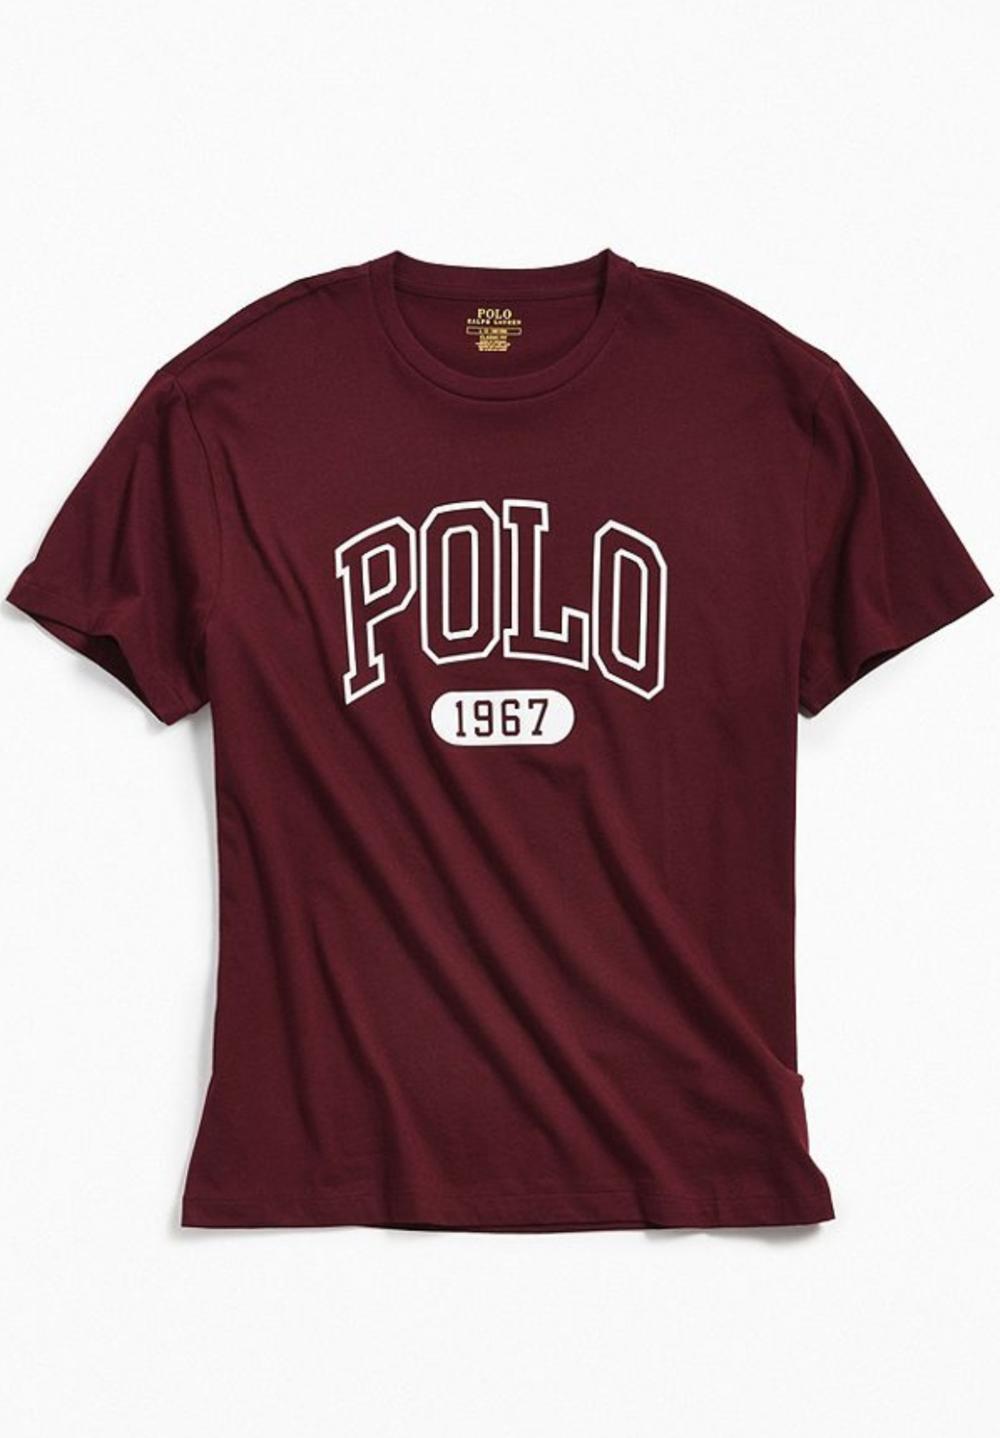 Polo Ralph Lauren 1967 Tee